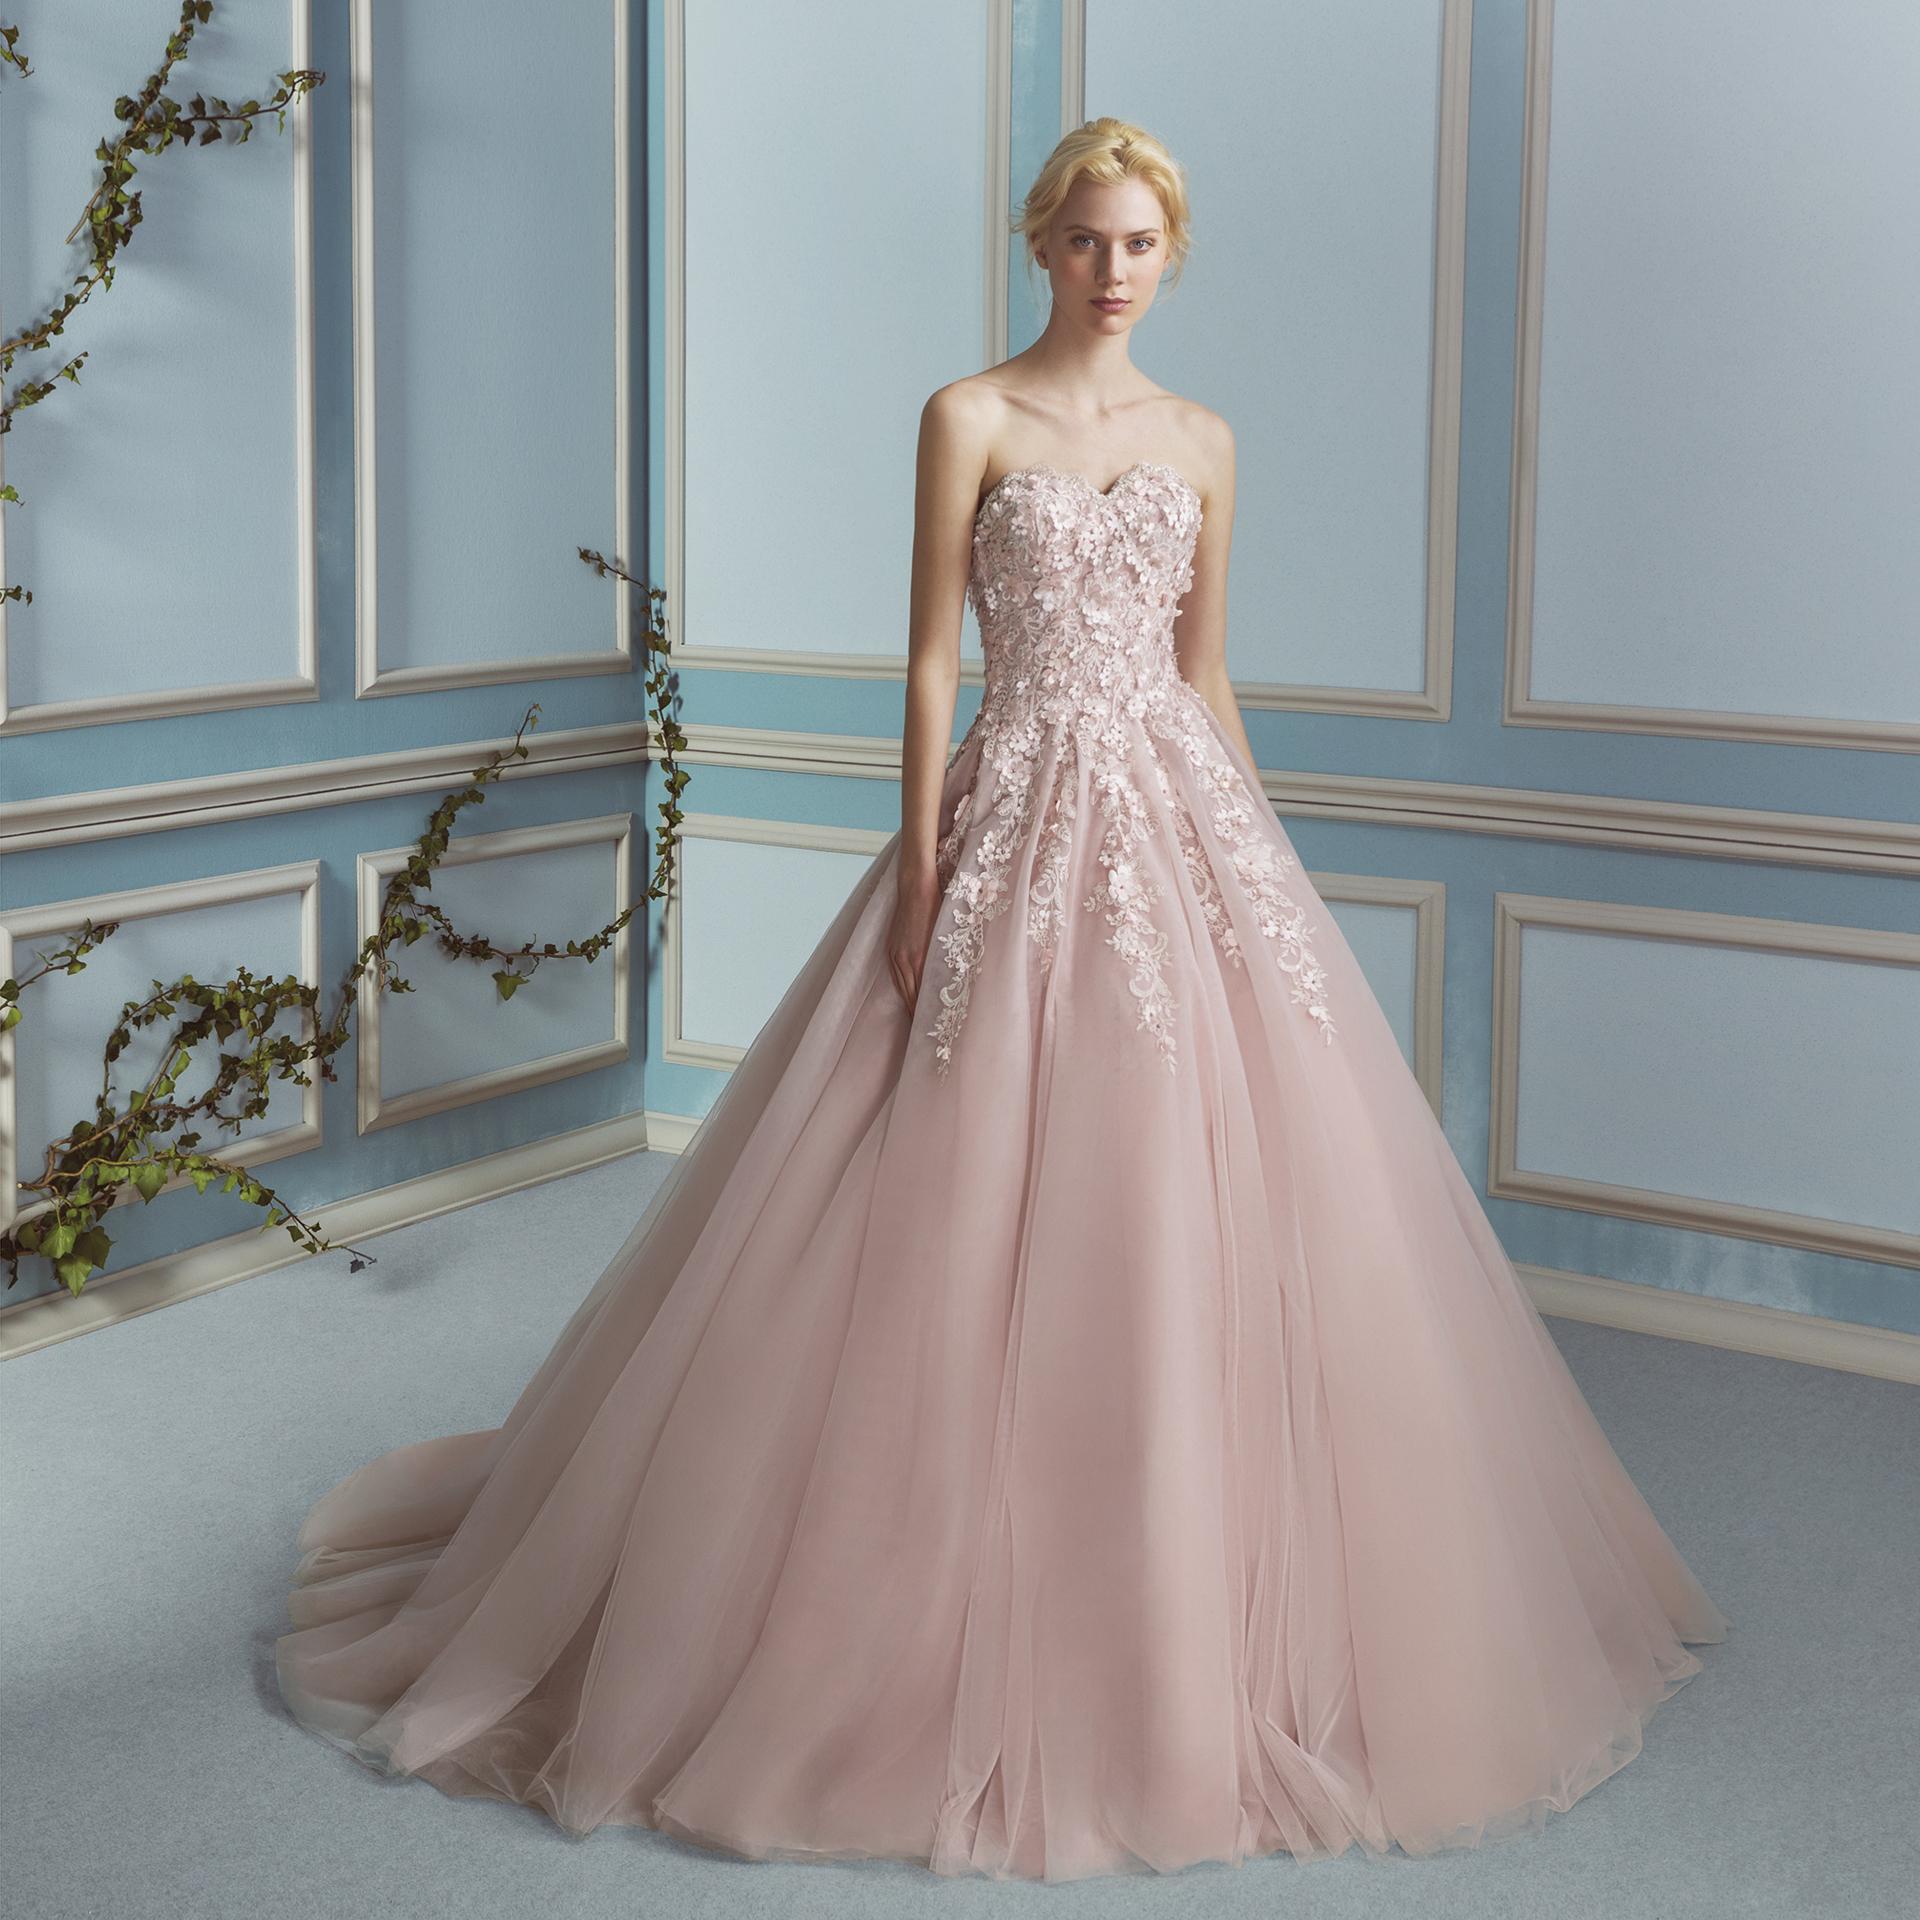 abito-da-sposa-rosa-antico-bellantuono